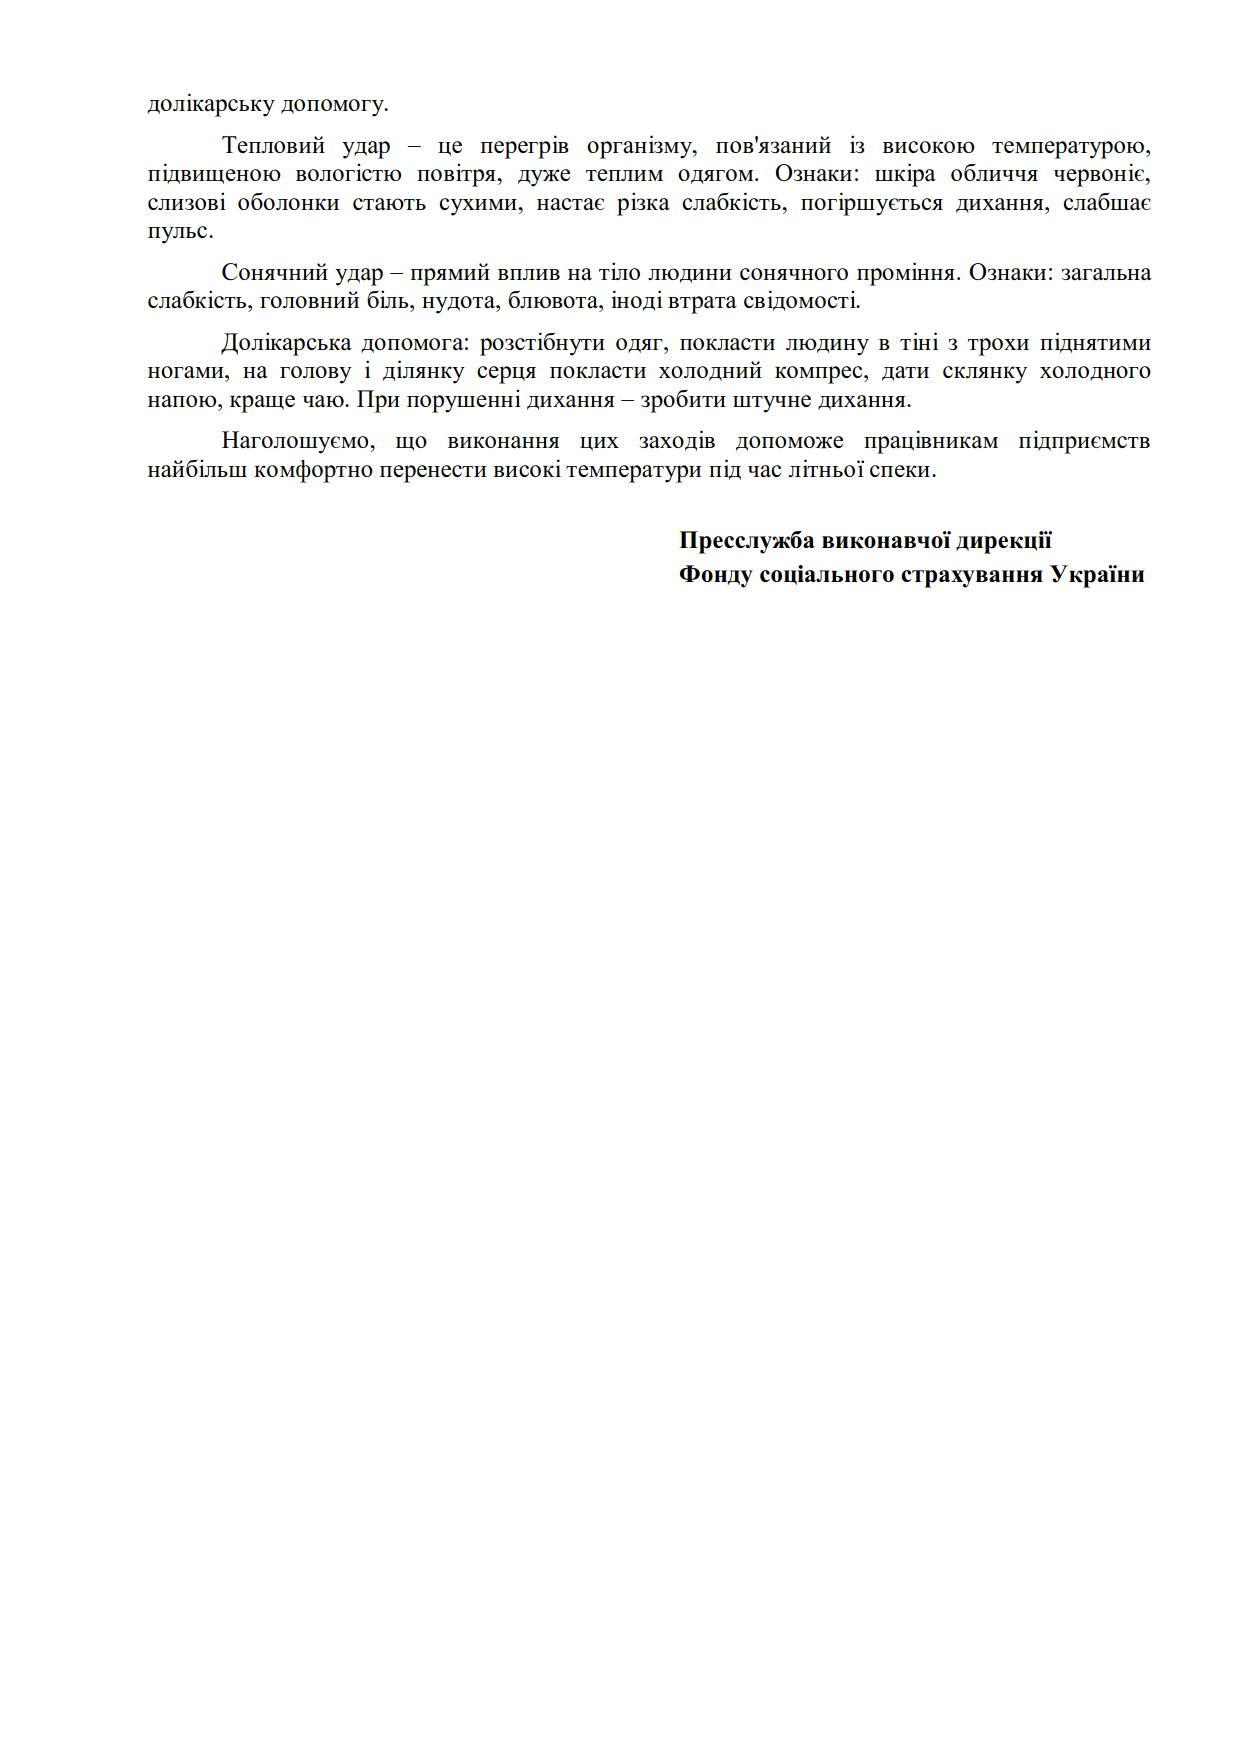 ФССУ_Охорона праці у літній період_2